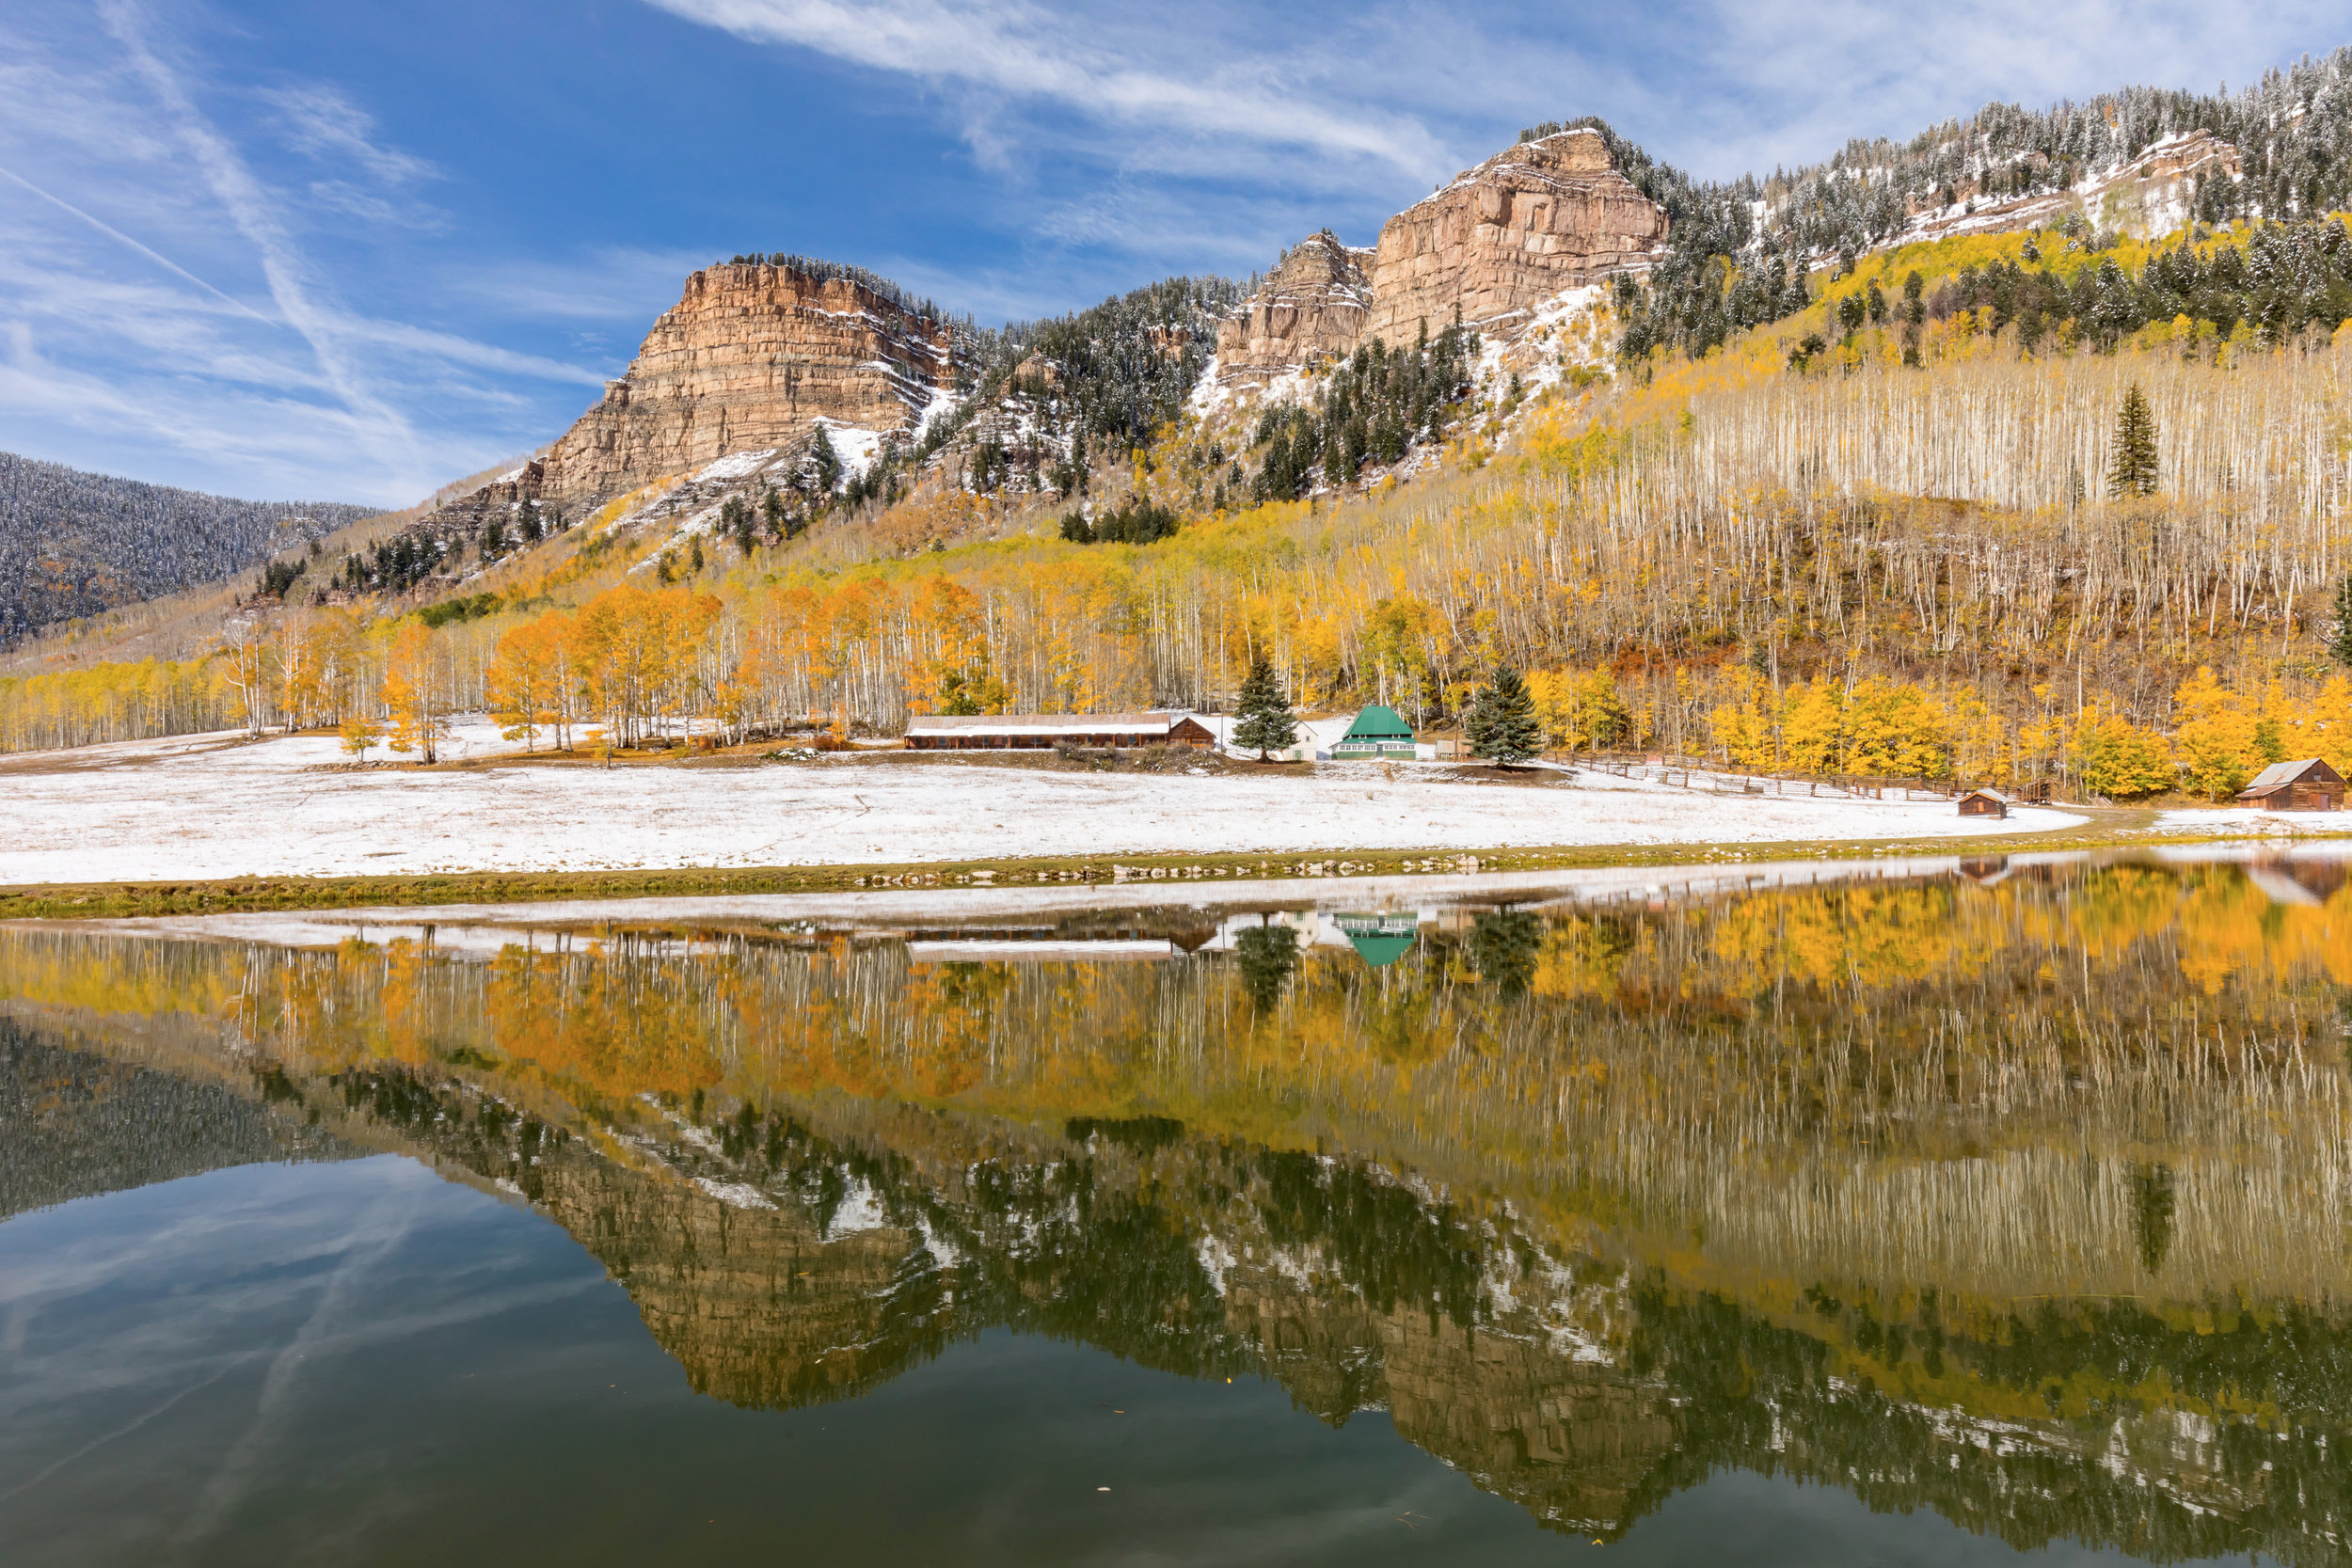 Hotter Pond, Image # 9948